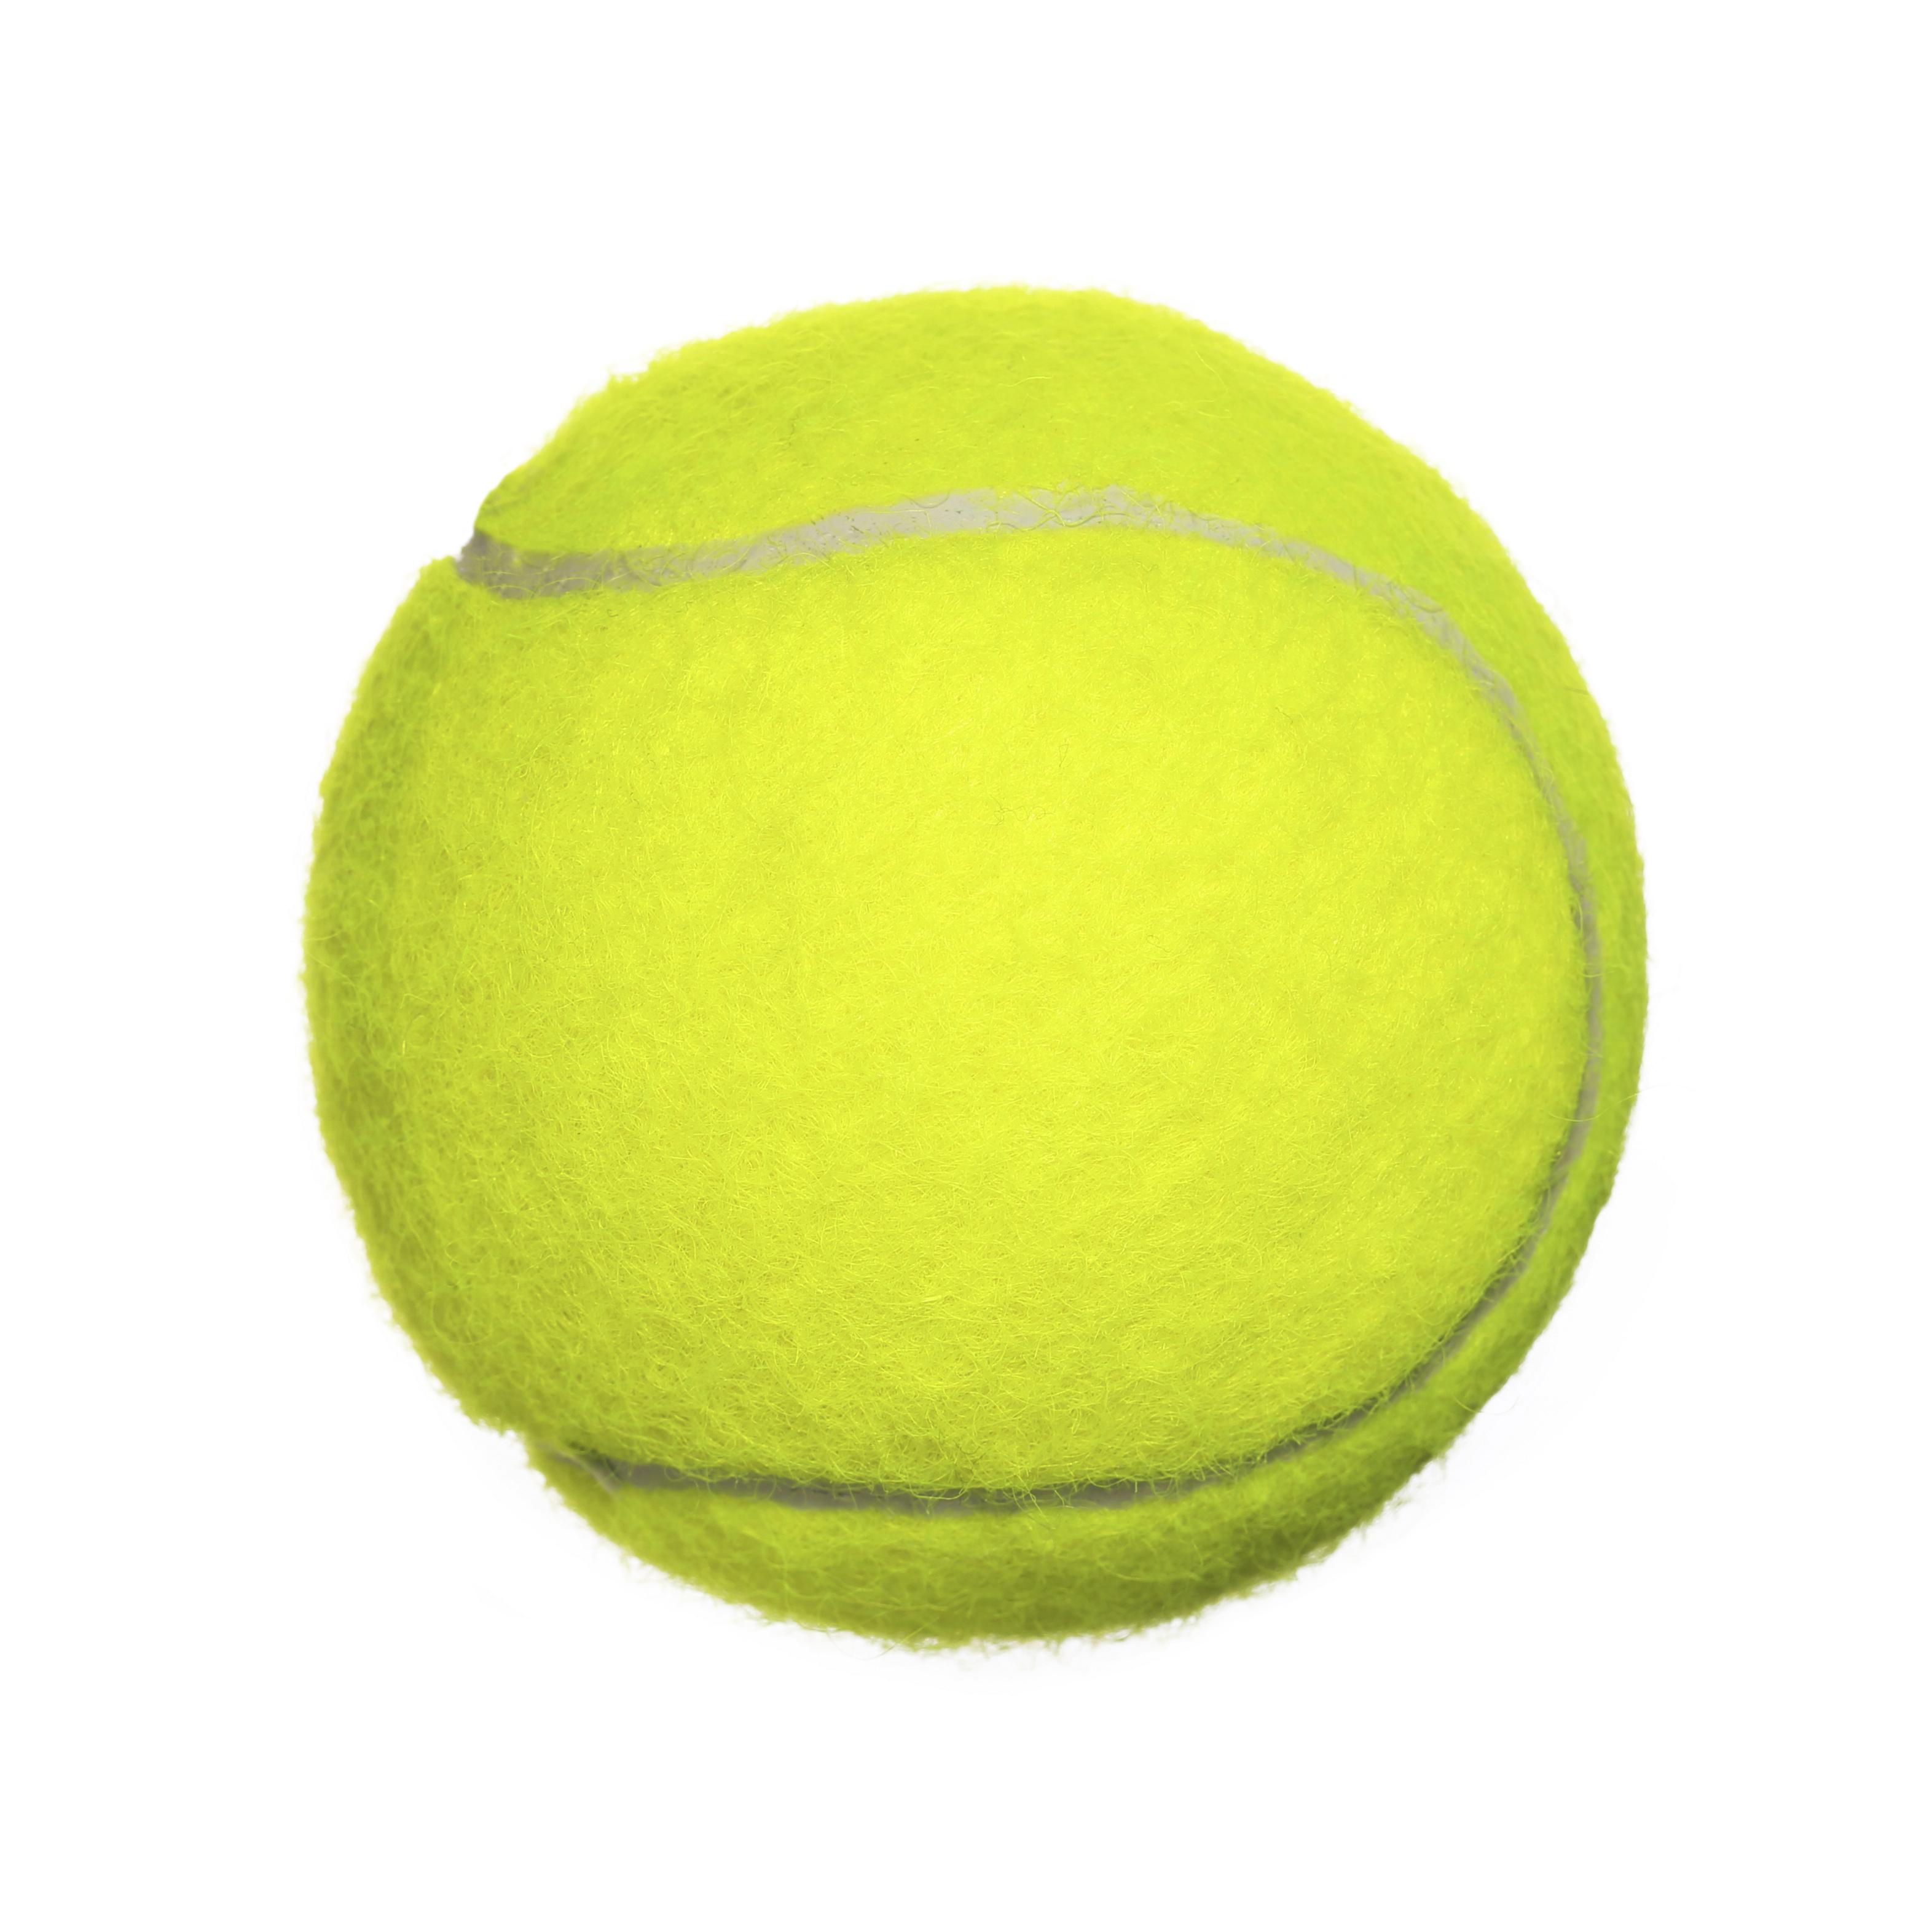 Tennis Balls | Salem Academy Charter School